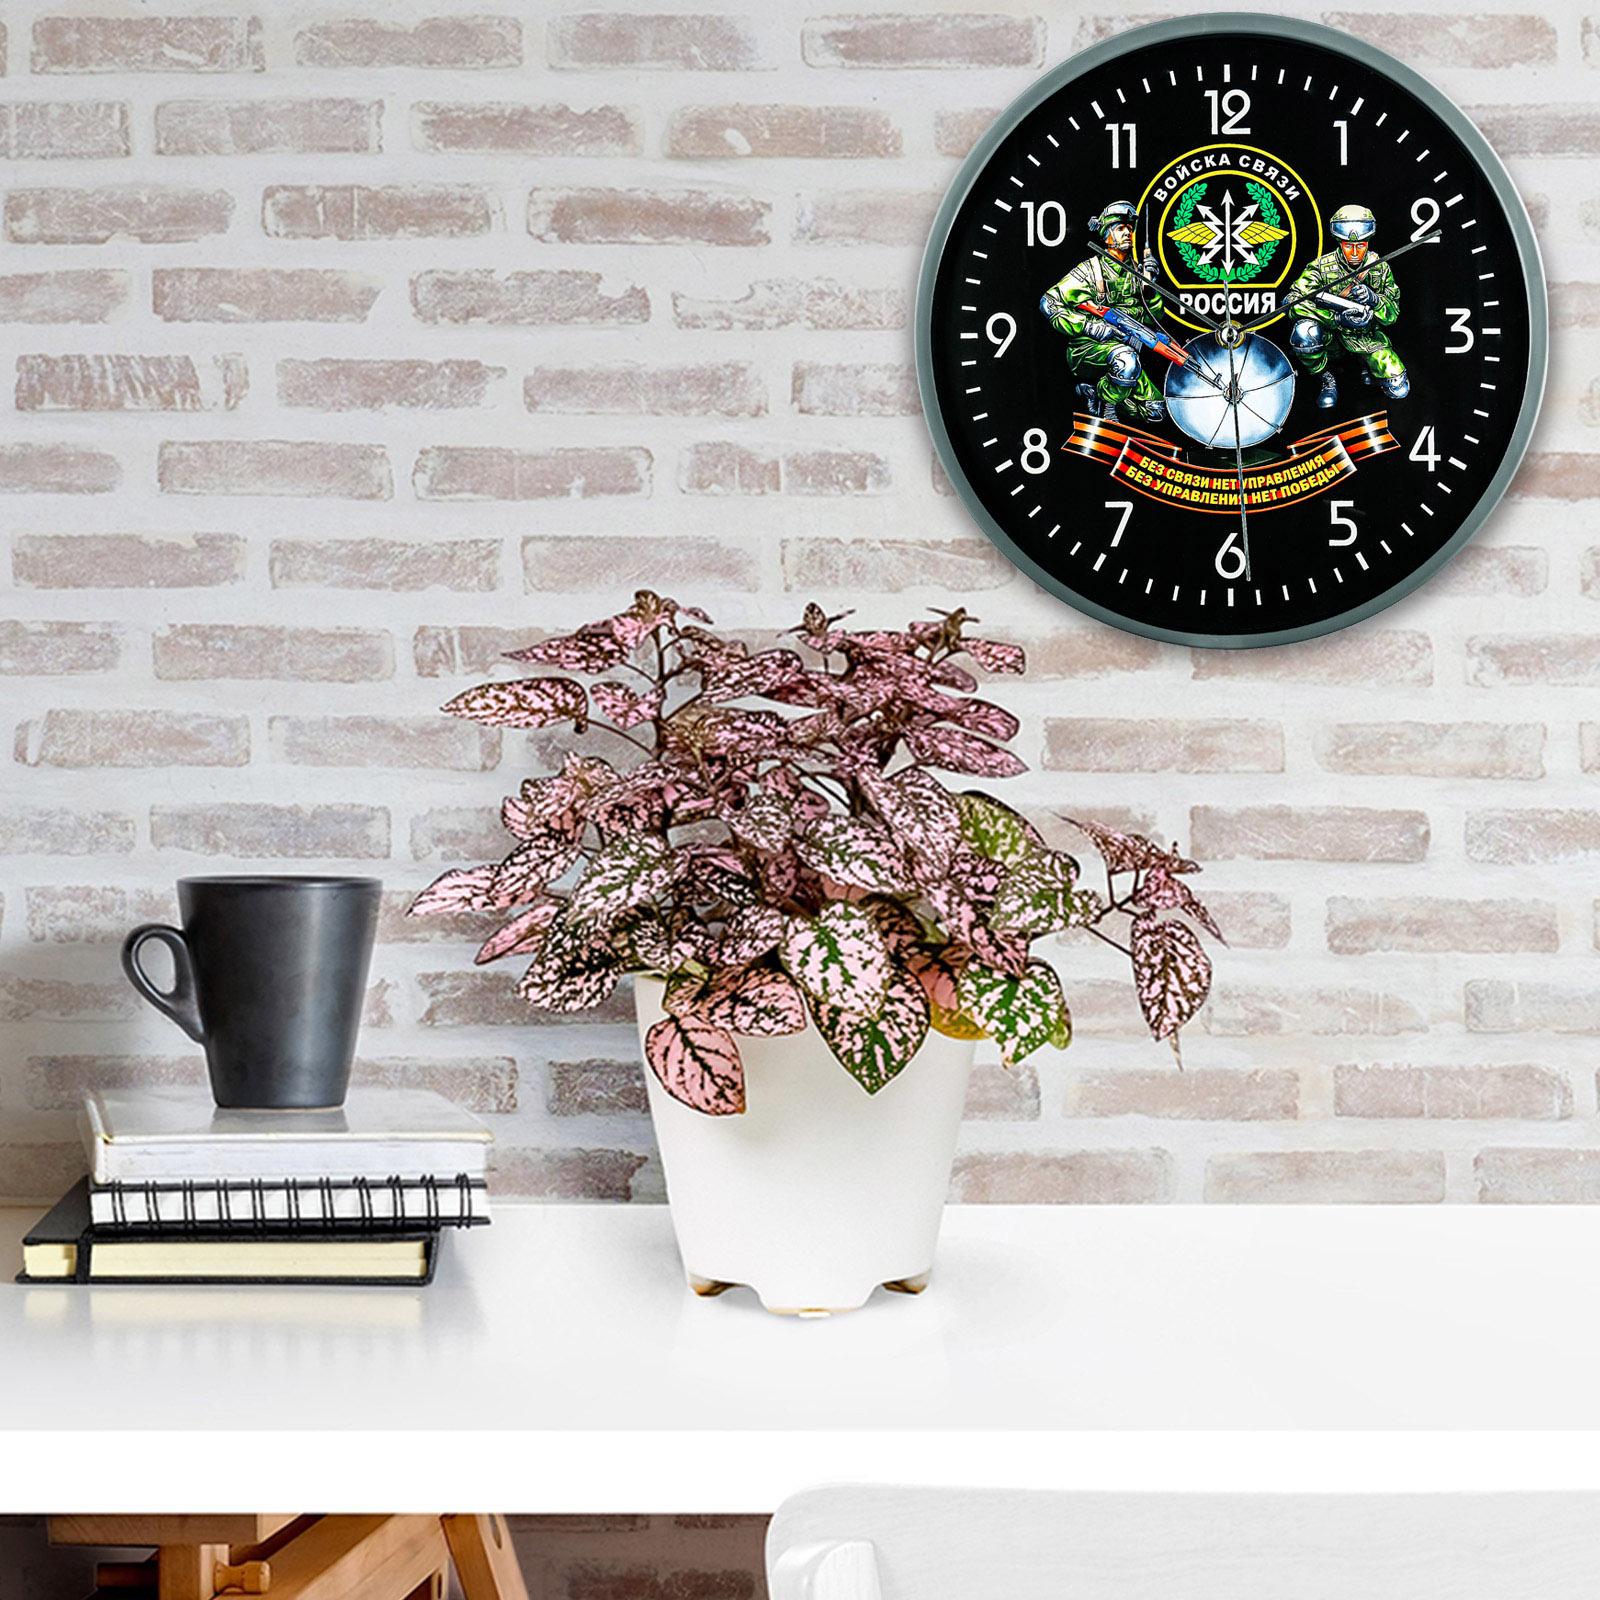 Подарочные настенные часы Войска связи